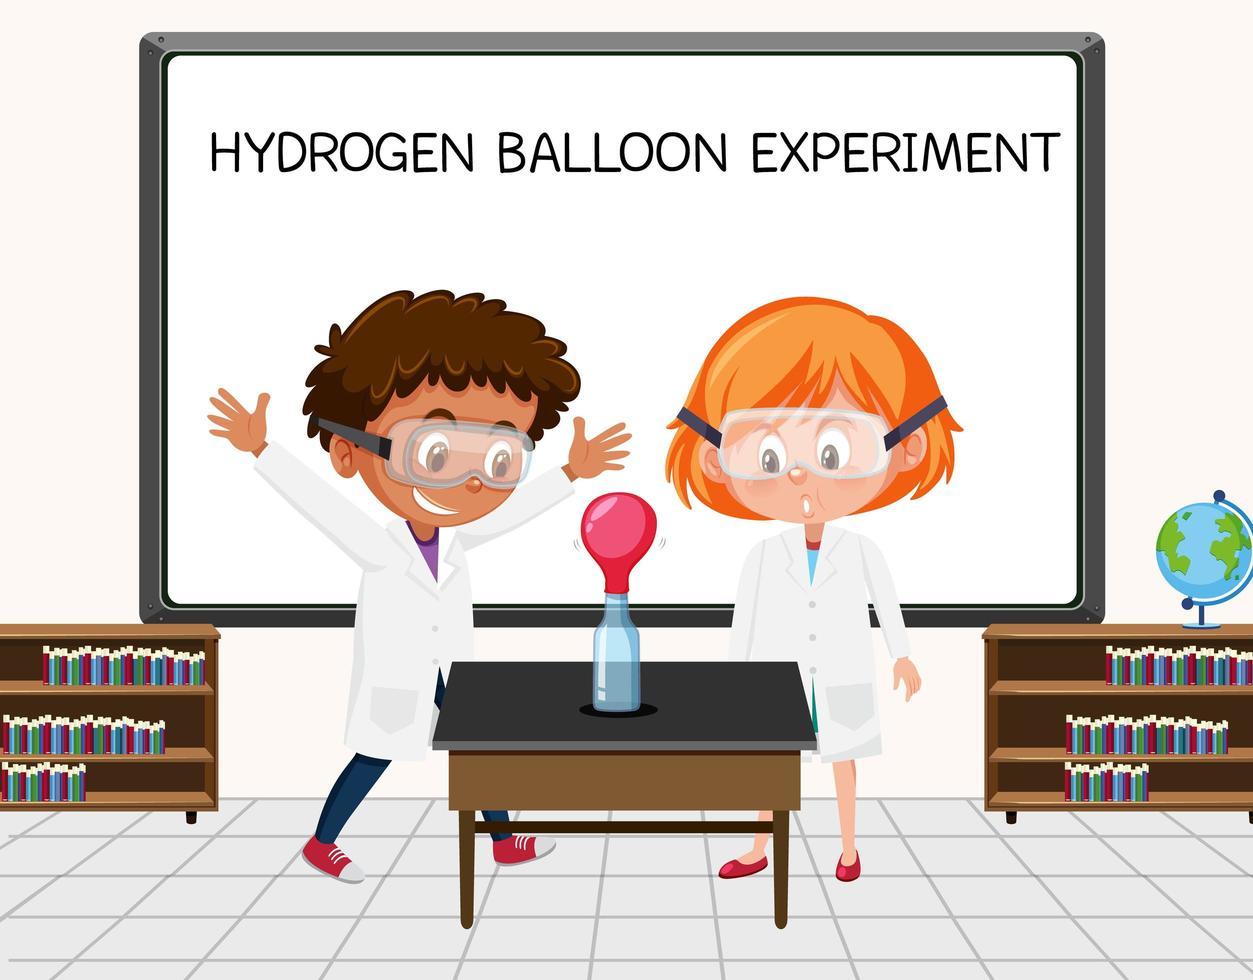 ung forskare som gör väteballongexperiment framför en tavla i laboratorium vektor